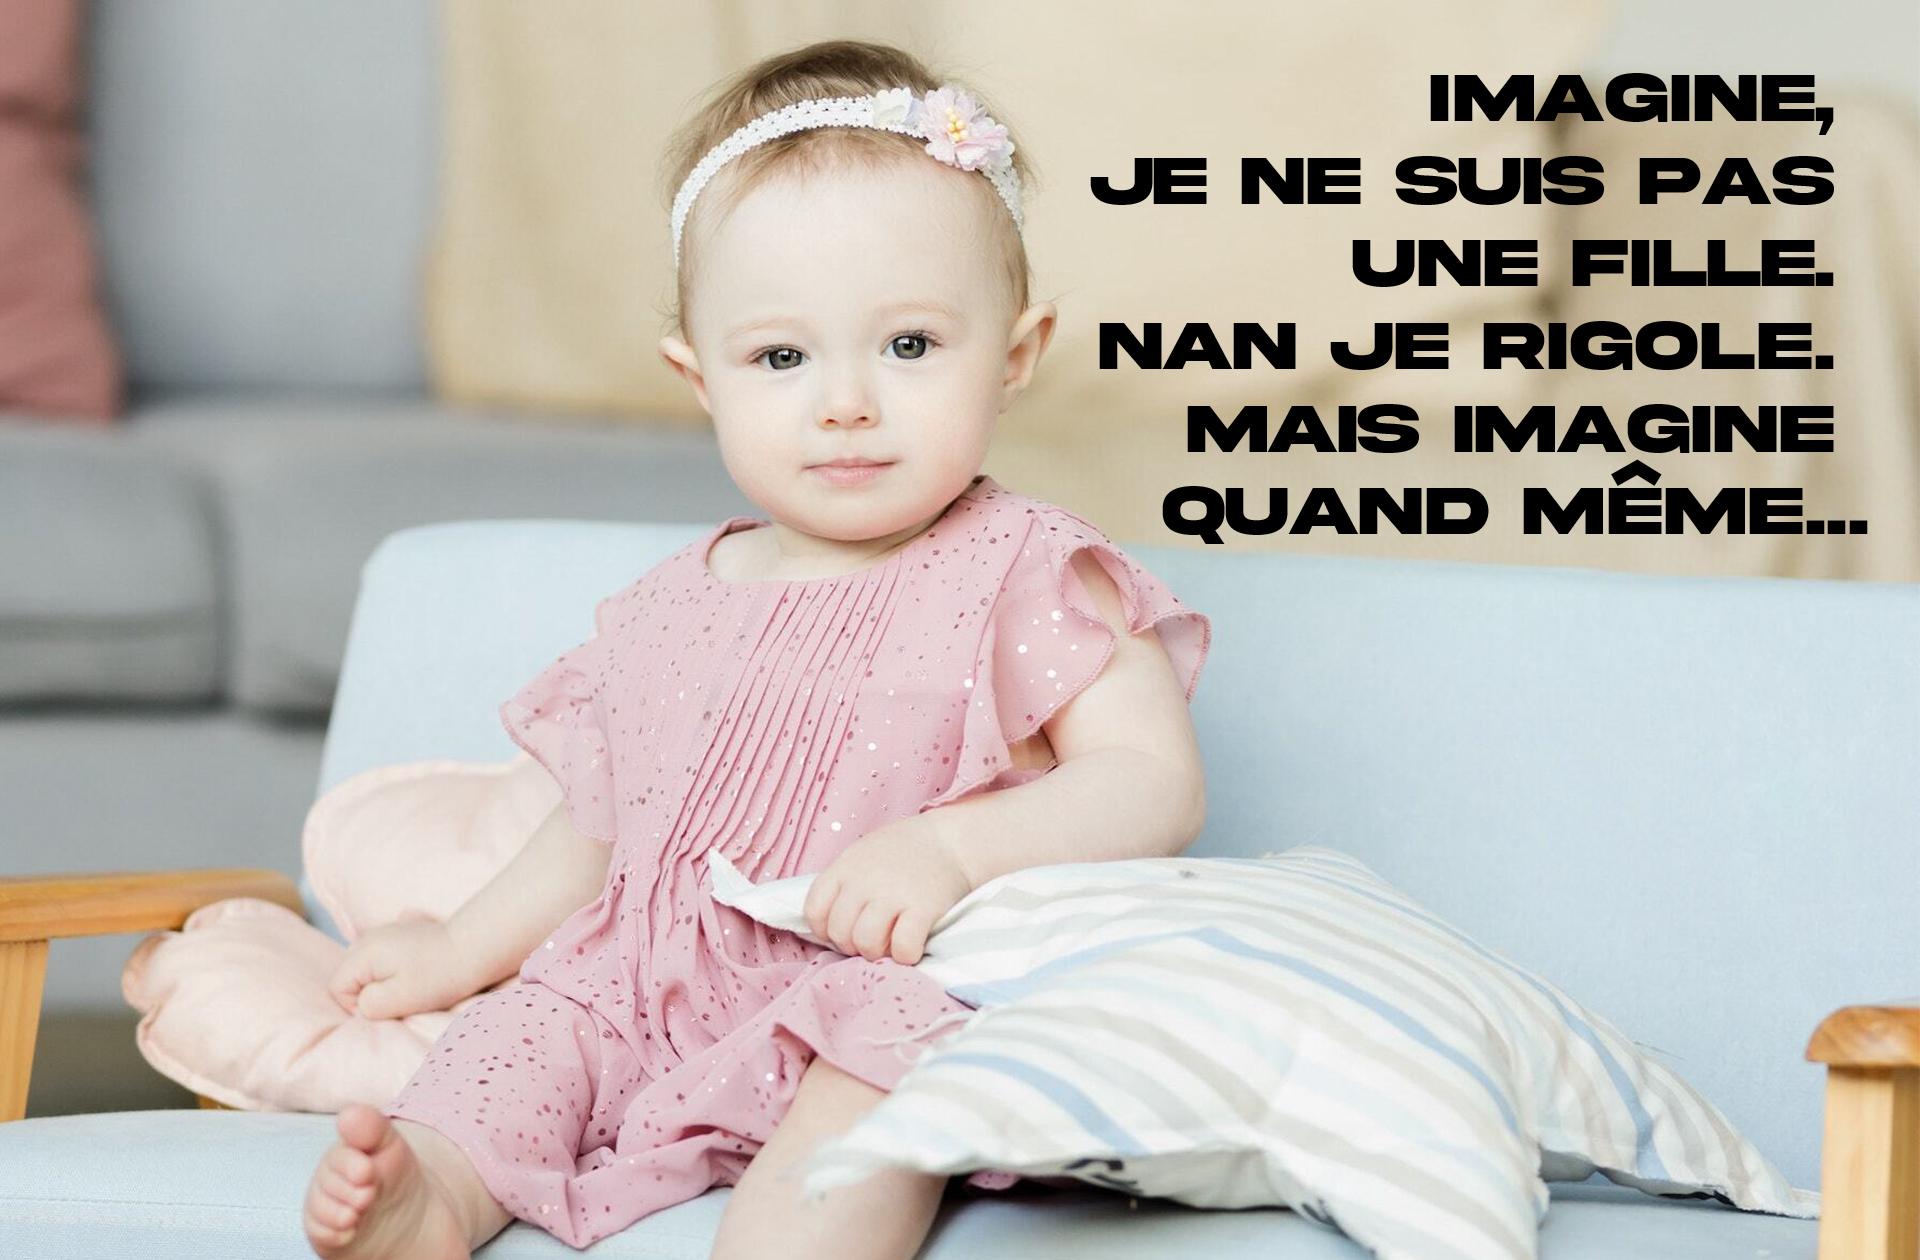 Une petite fille en robe rose sur une banquette bleue, en train de contempler l'absurdité du marketing genré